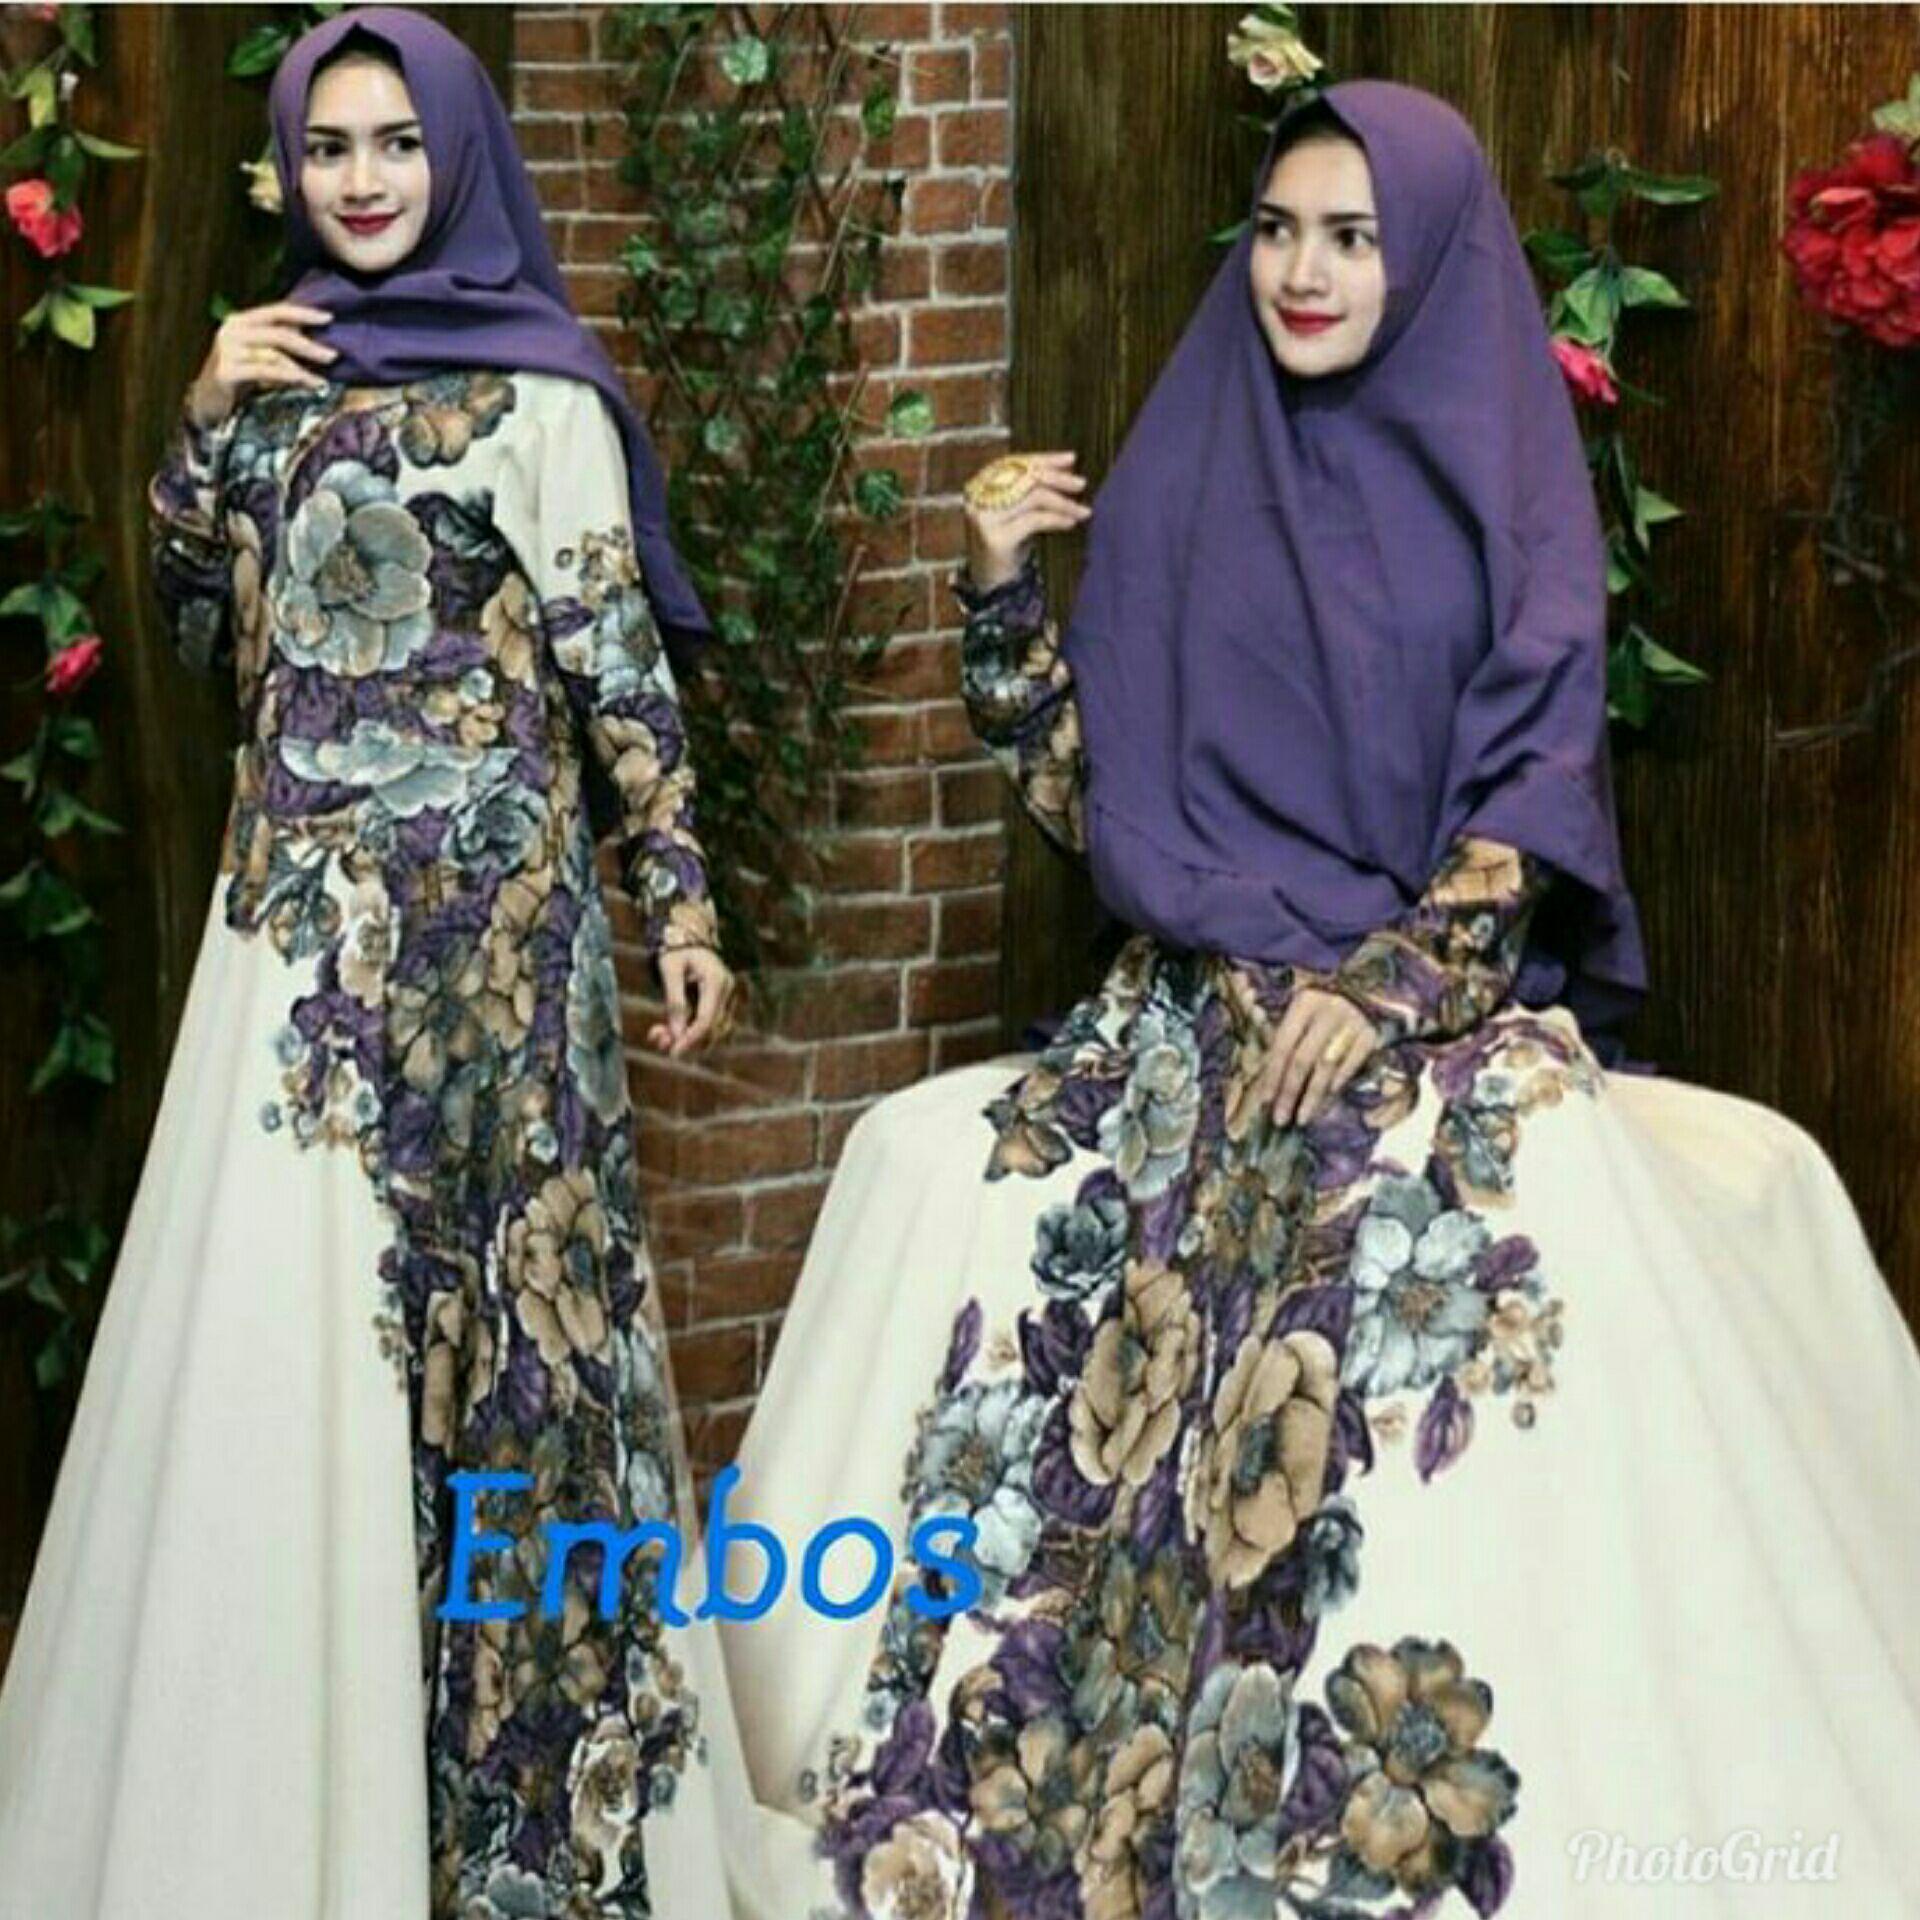 Toko Nurulcollection Baju Pakaian Dress Gaun Murah Gamis Syari Terbaru Gamis Premium Monalisa Gamis Motif Gamis Busui Online Di Indonesia